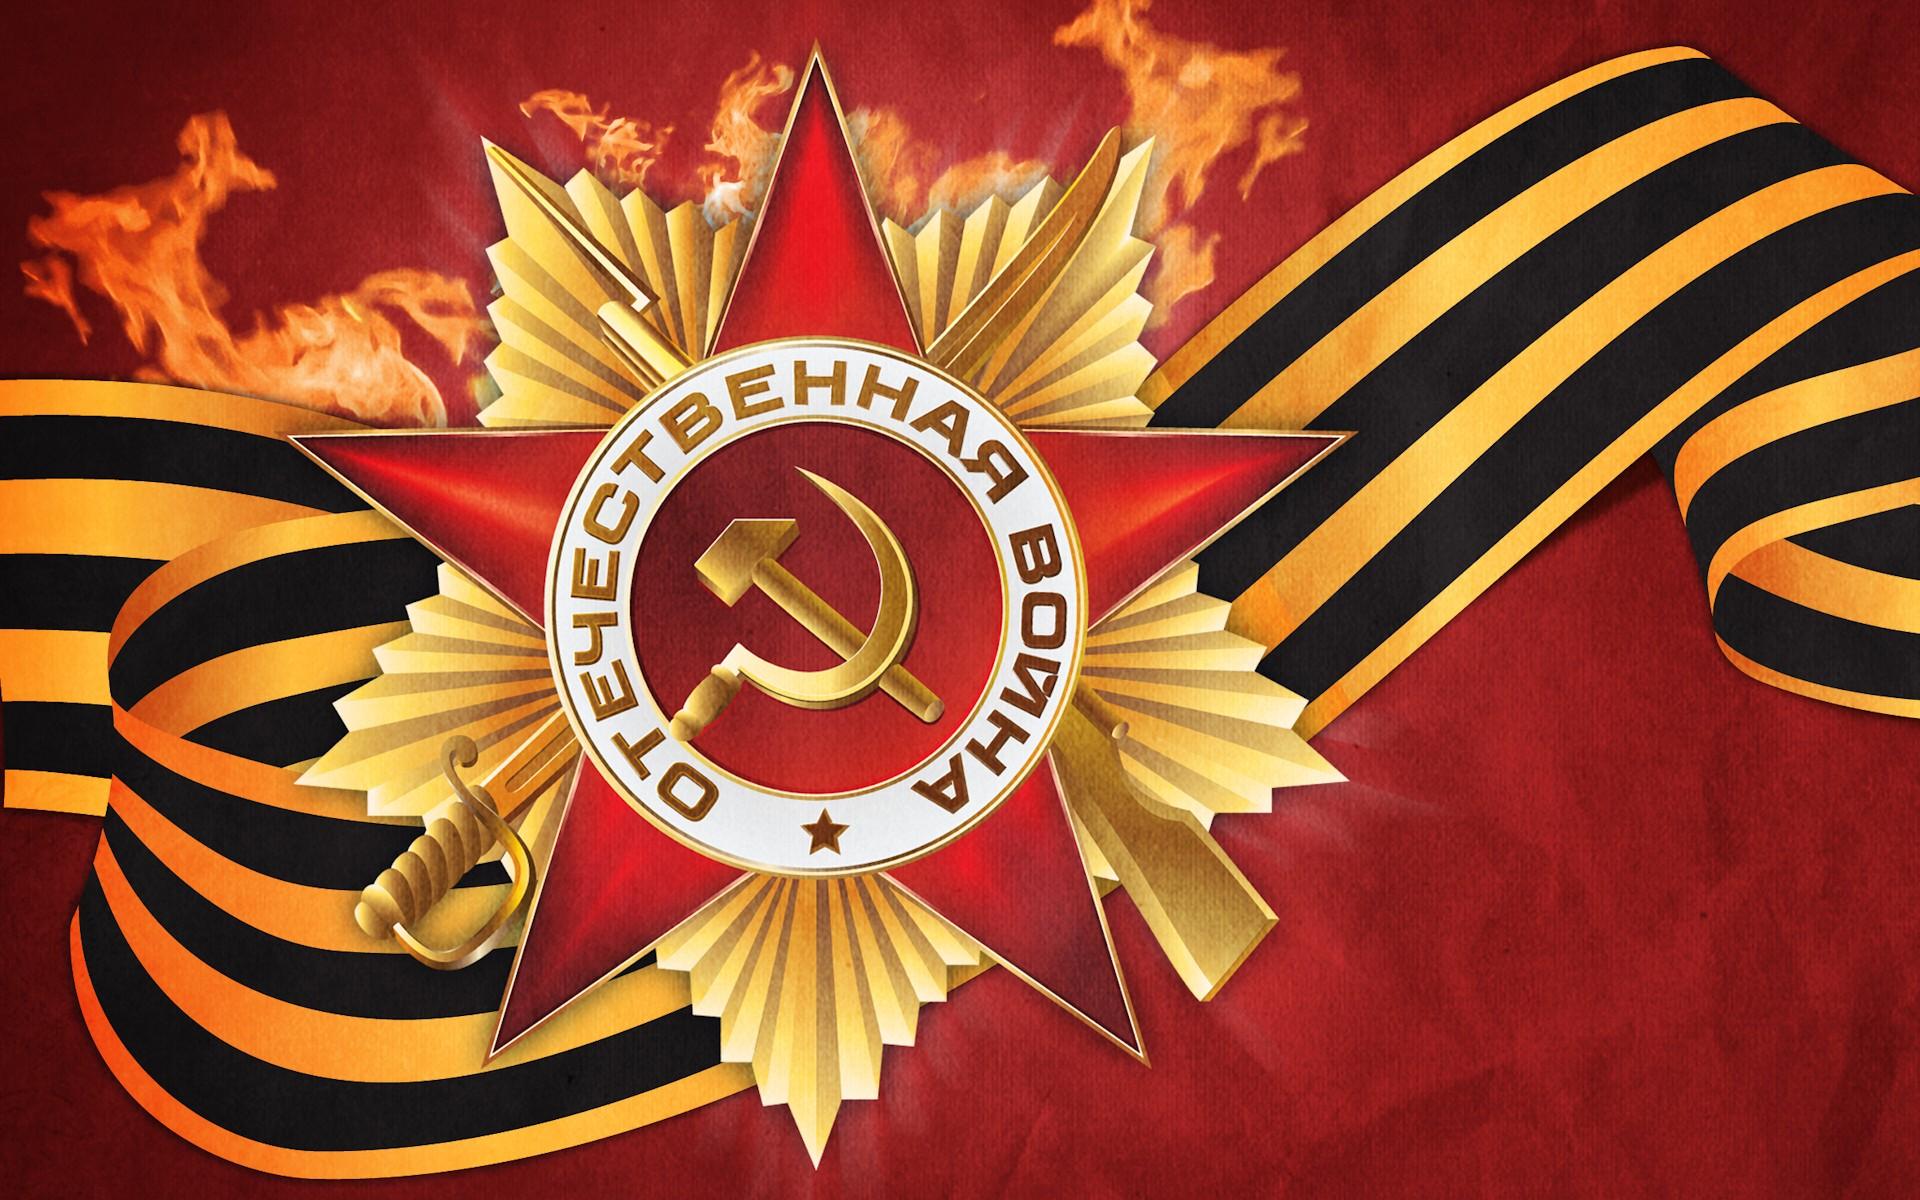 постеры для дня победы сегодня усадьбы